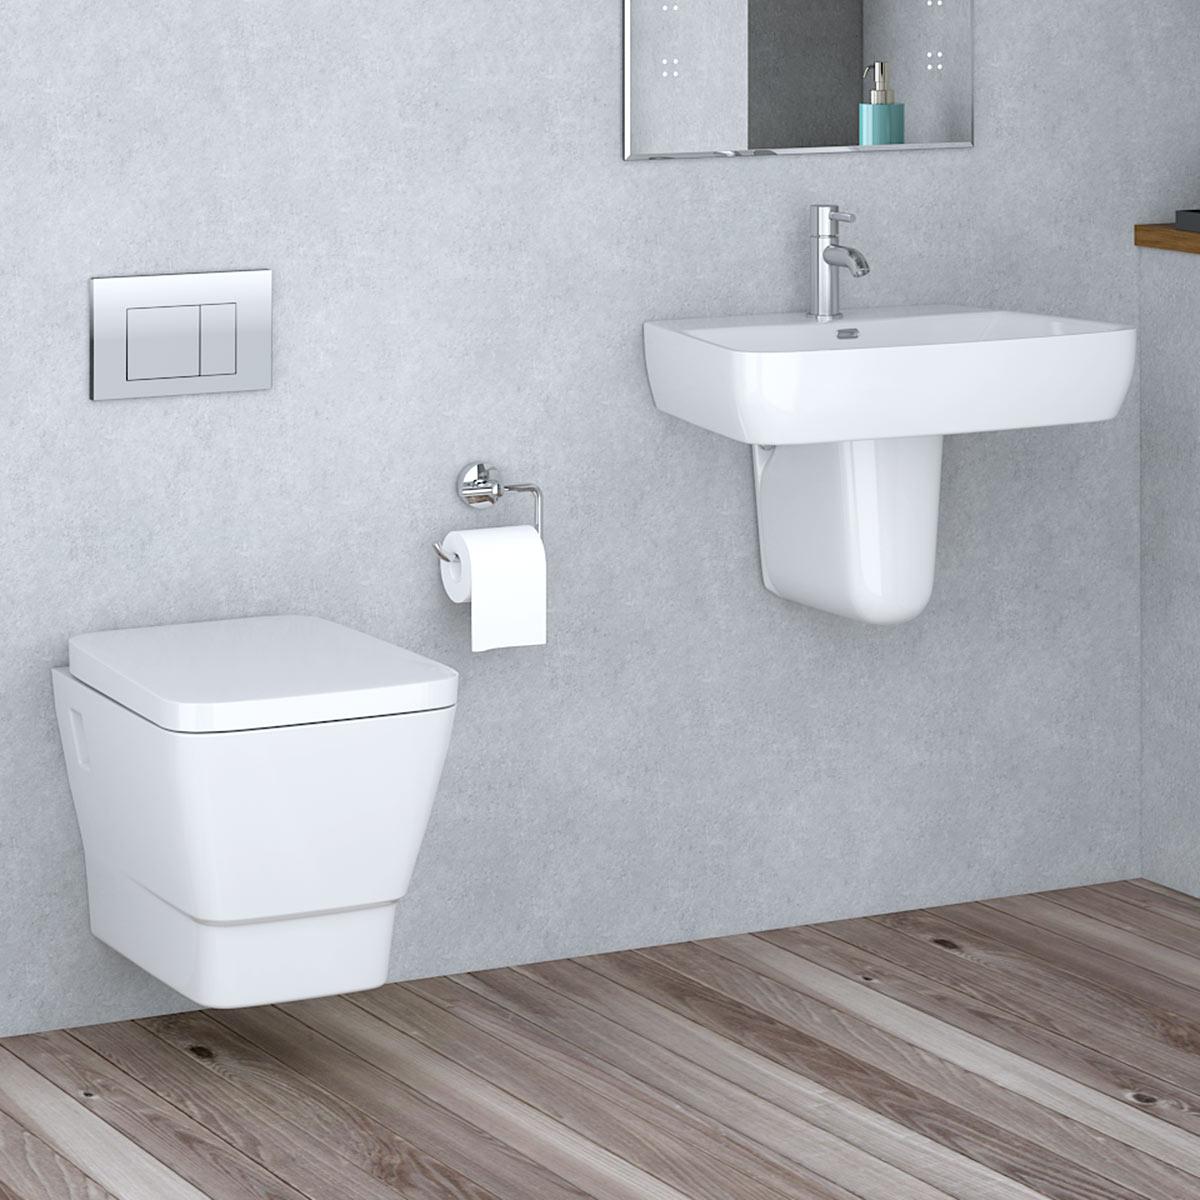 Basin Cloakroom Suite Toilet Frame